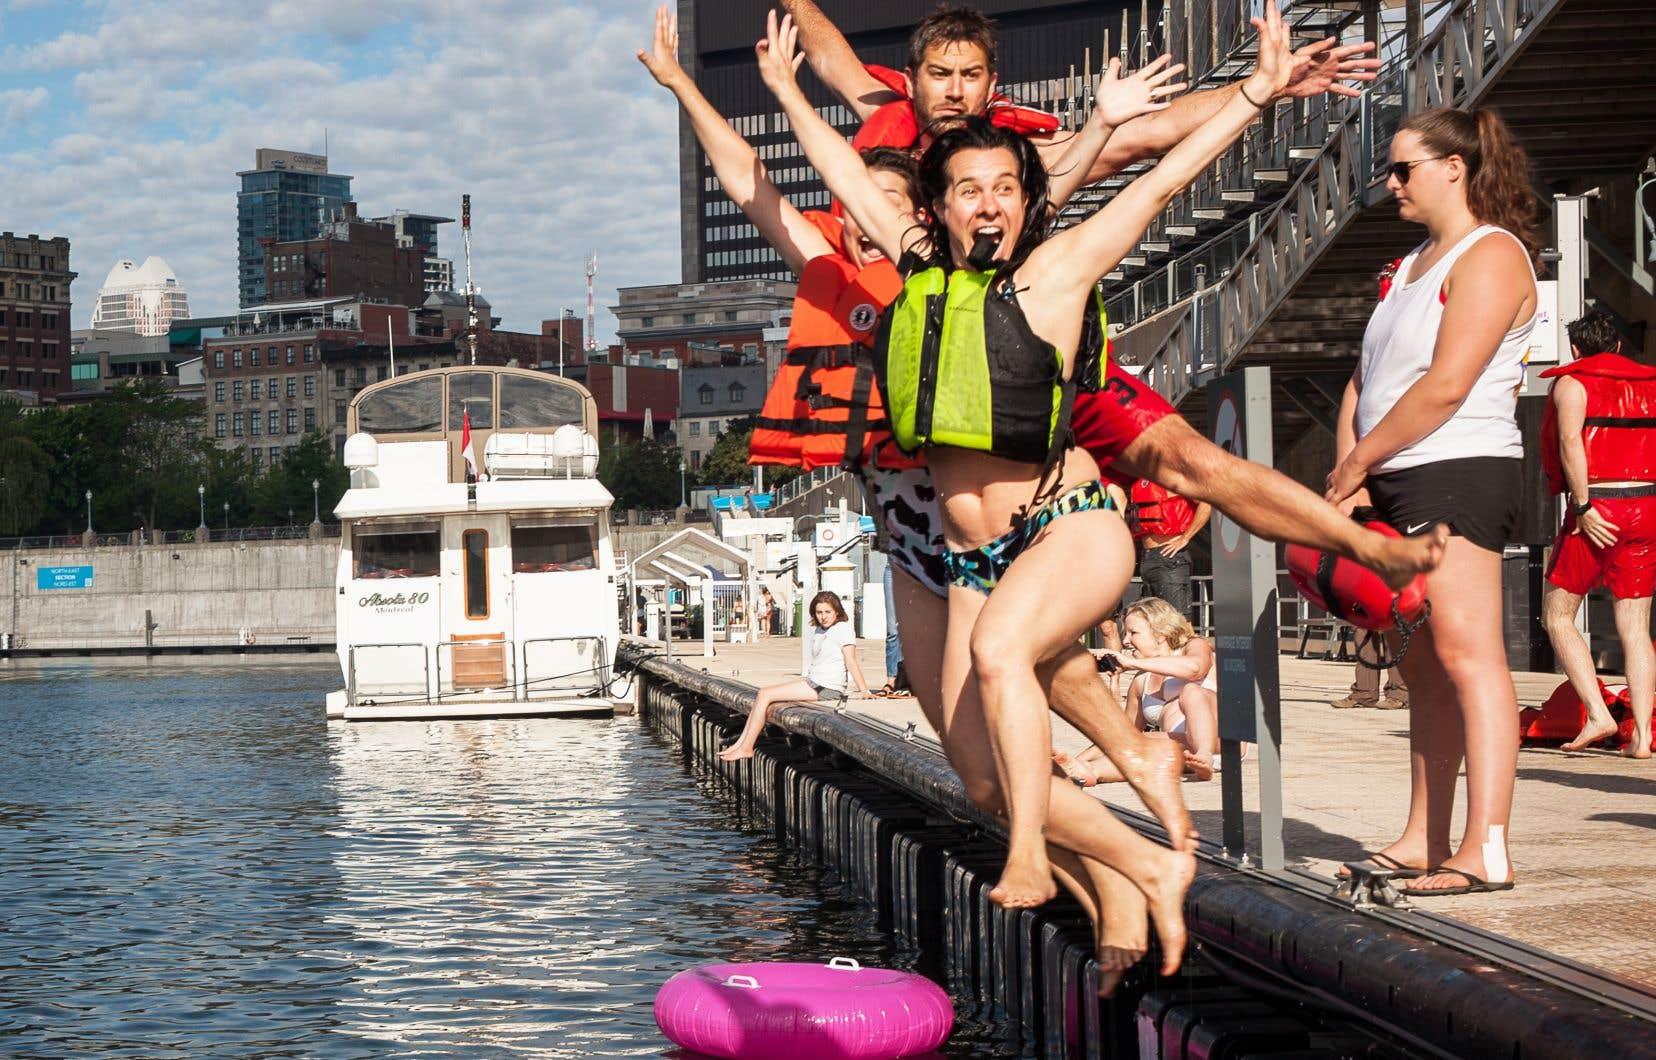 La mairesse de Montréal, Valérie Plante, était du groupe qui s'est jeté dans le fleuve, mardi, pour le Grand Splash.